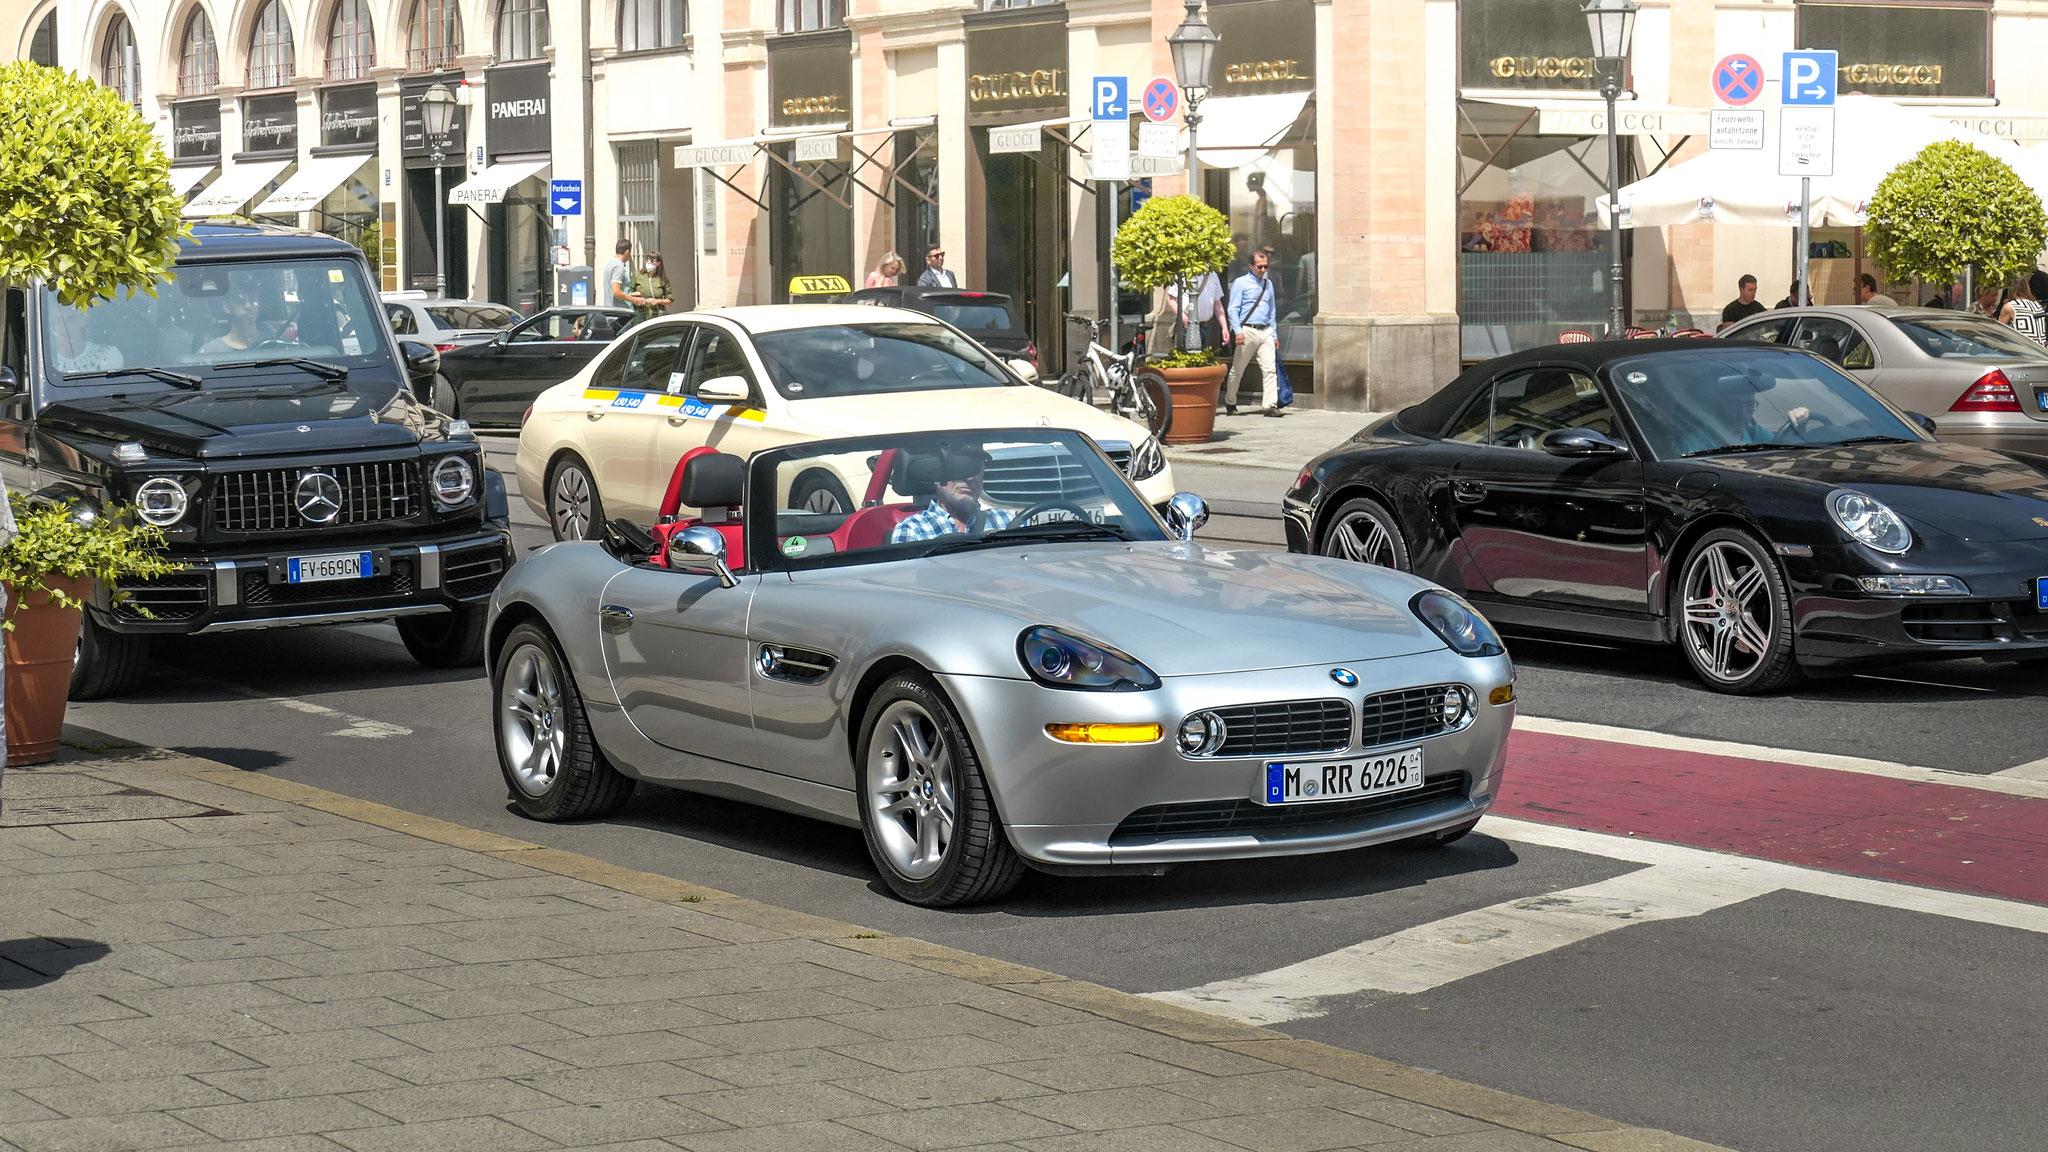 BMW Z8 - M-RR-6226